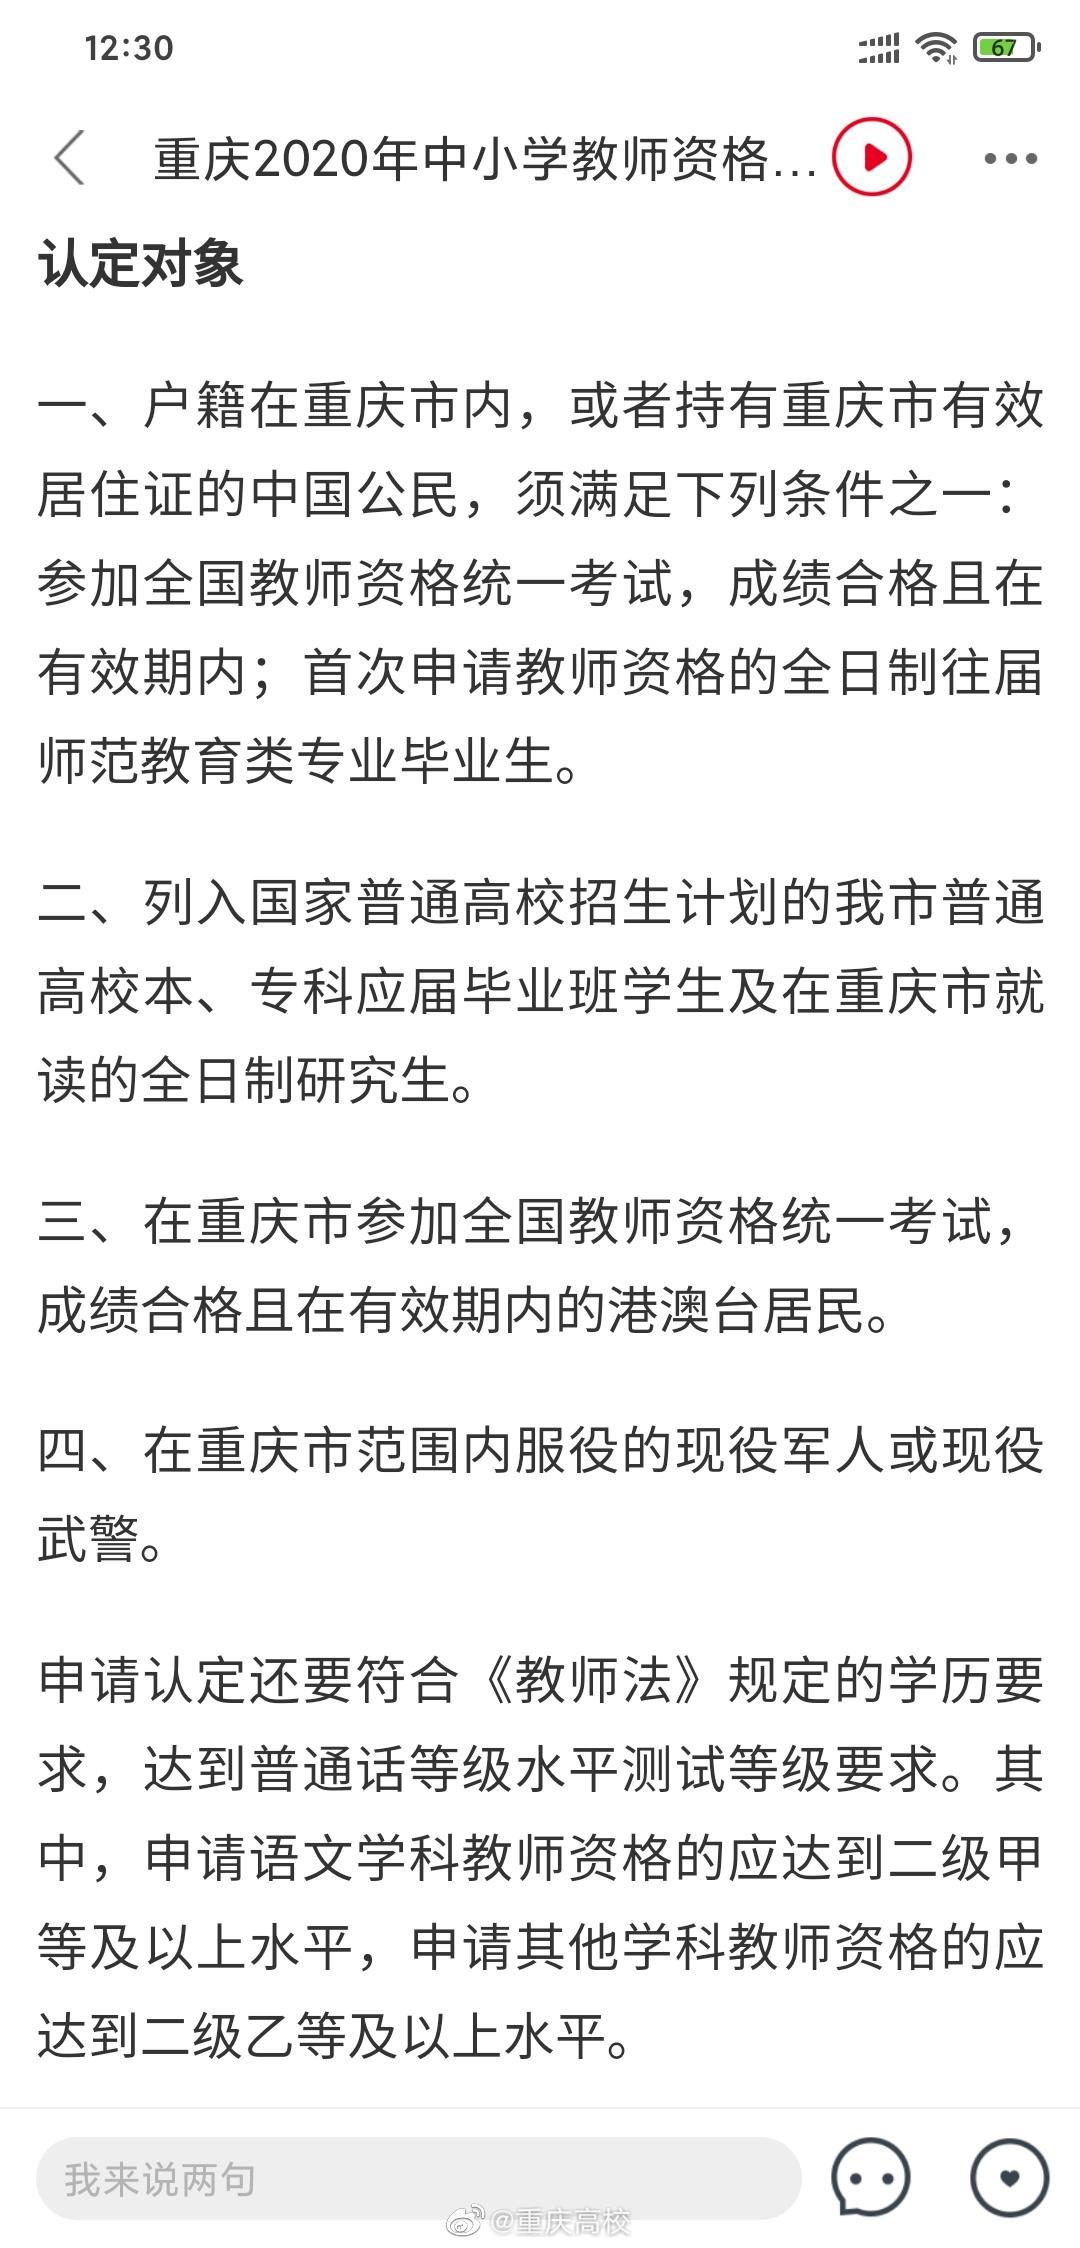 重庆2020年中小学教师资格认定时间公布